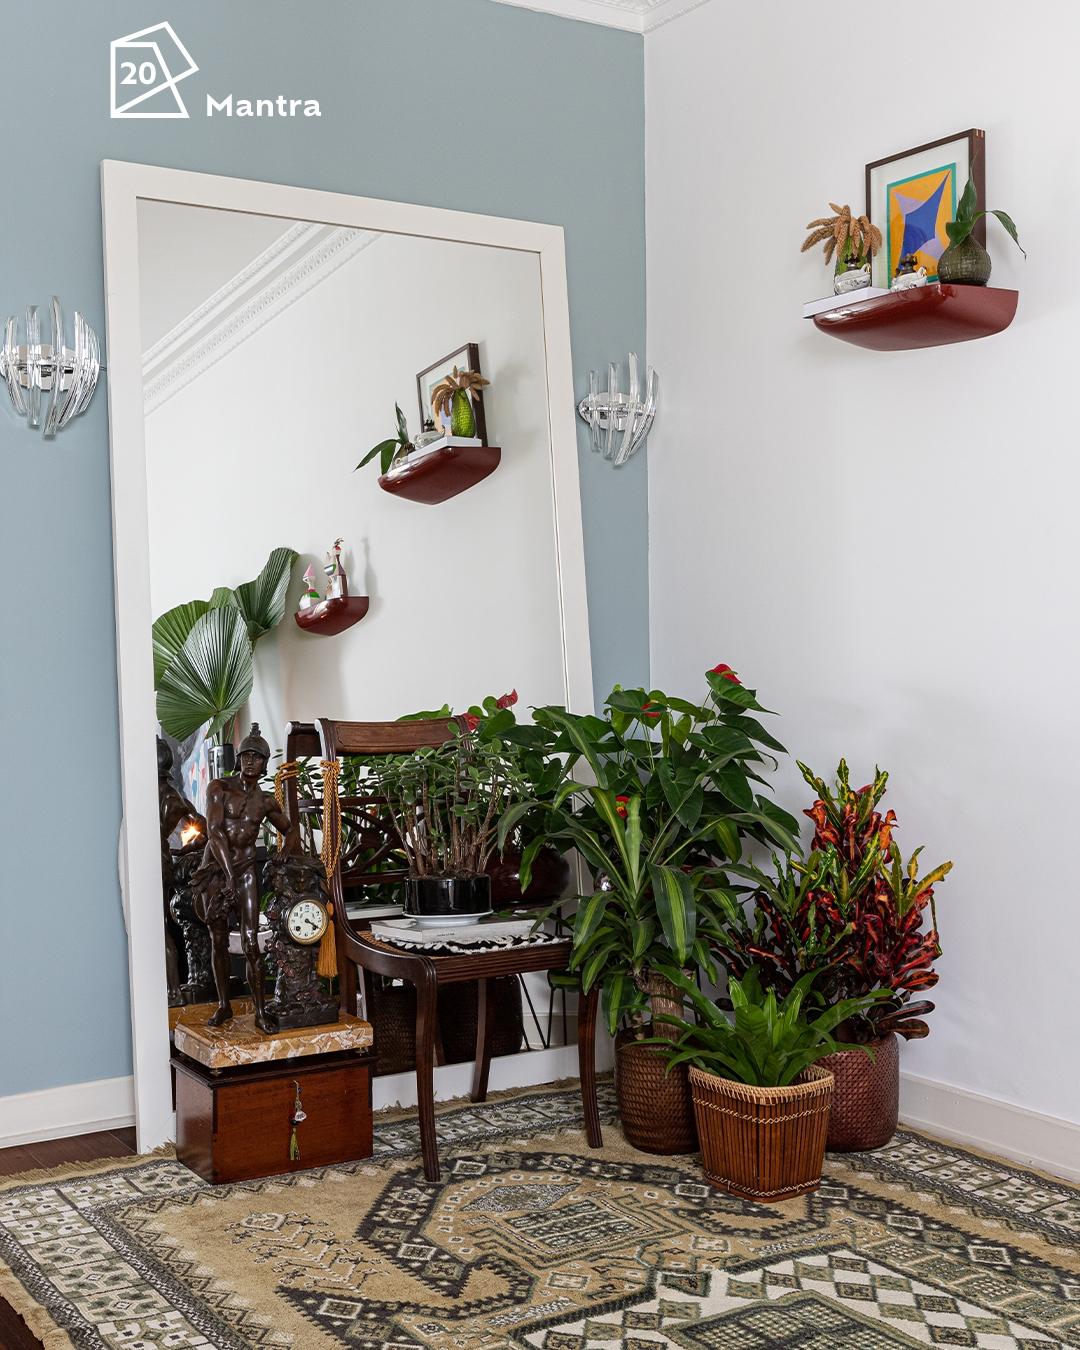 Foto da sala com um espelho grande em destaque e alguns vasos de planta na frente. Ao fundo, a parede pintada na cor Mantra e o ícone de cor do ano 2020 acima do espelho.